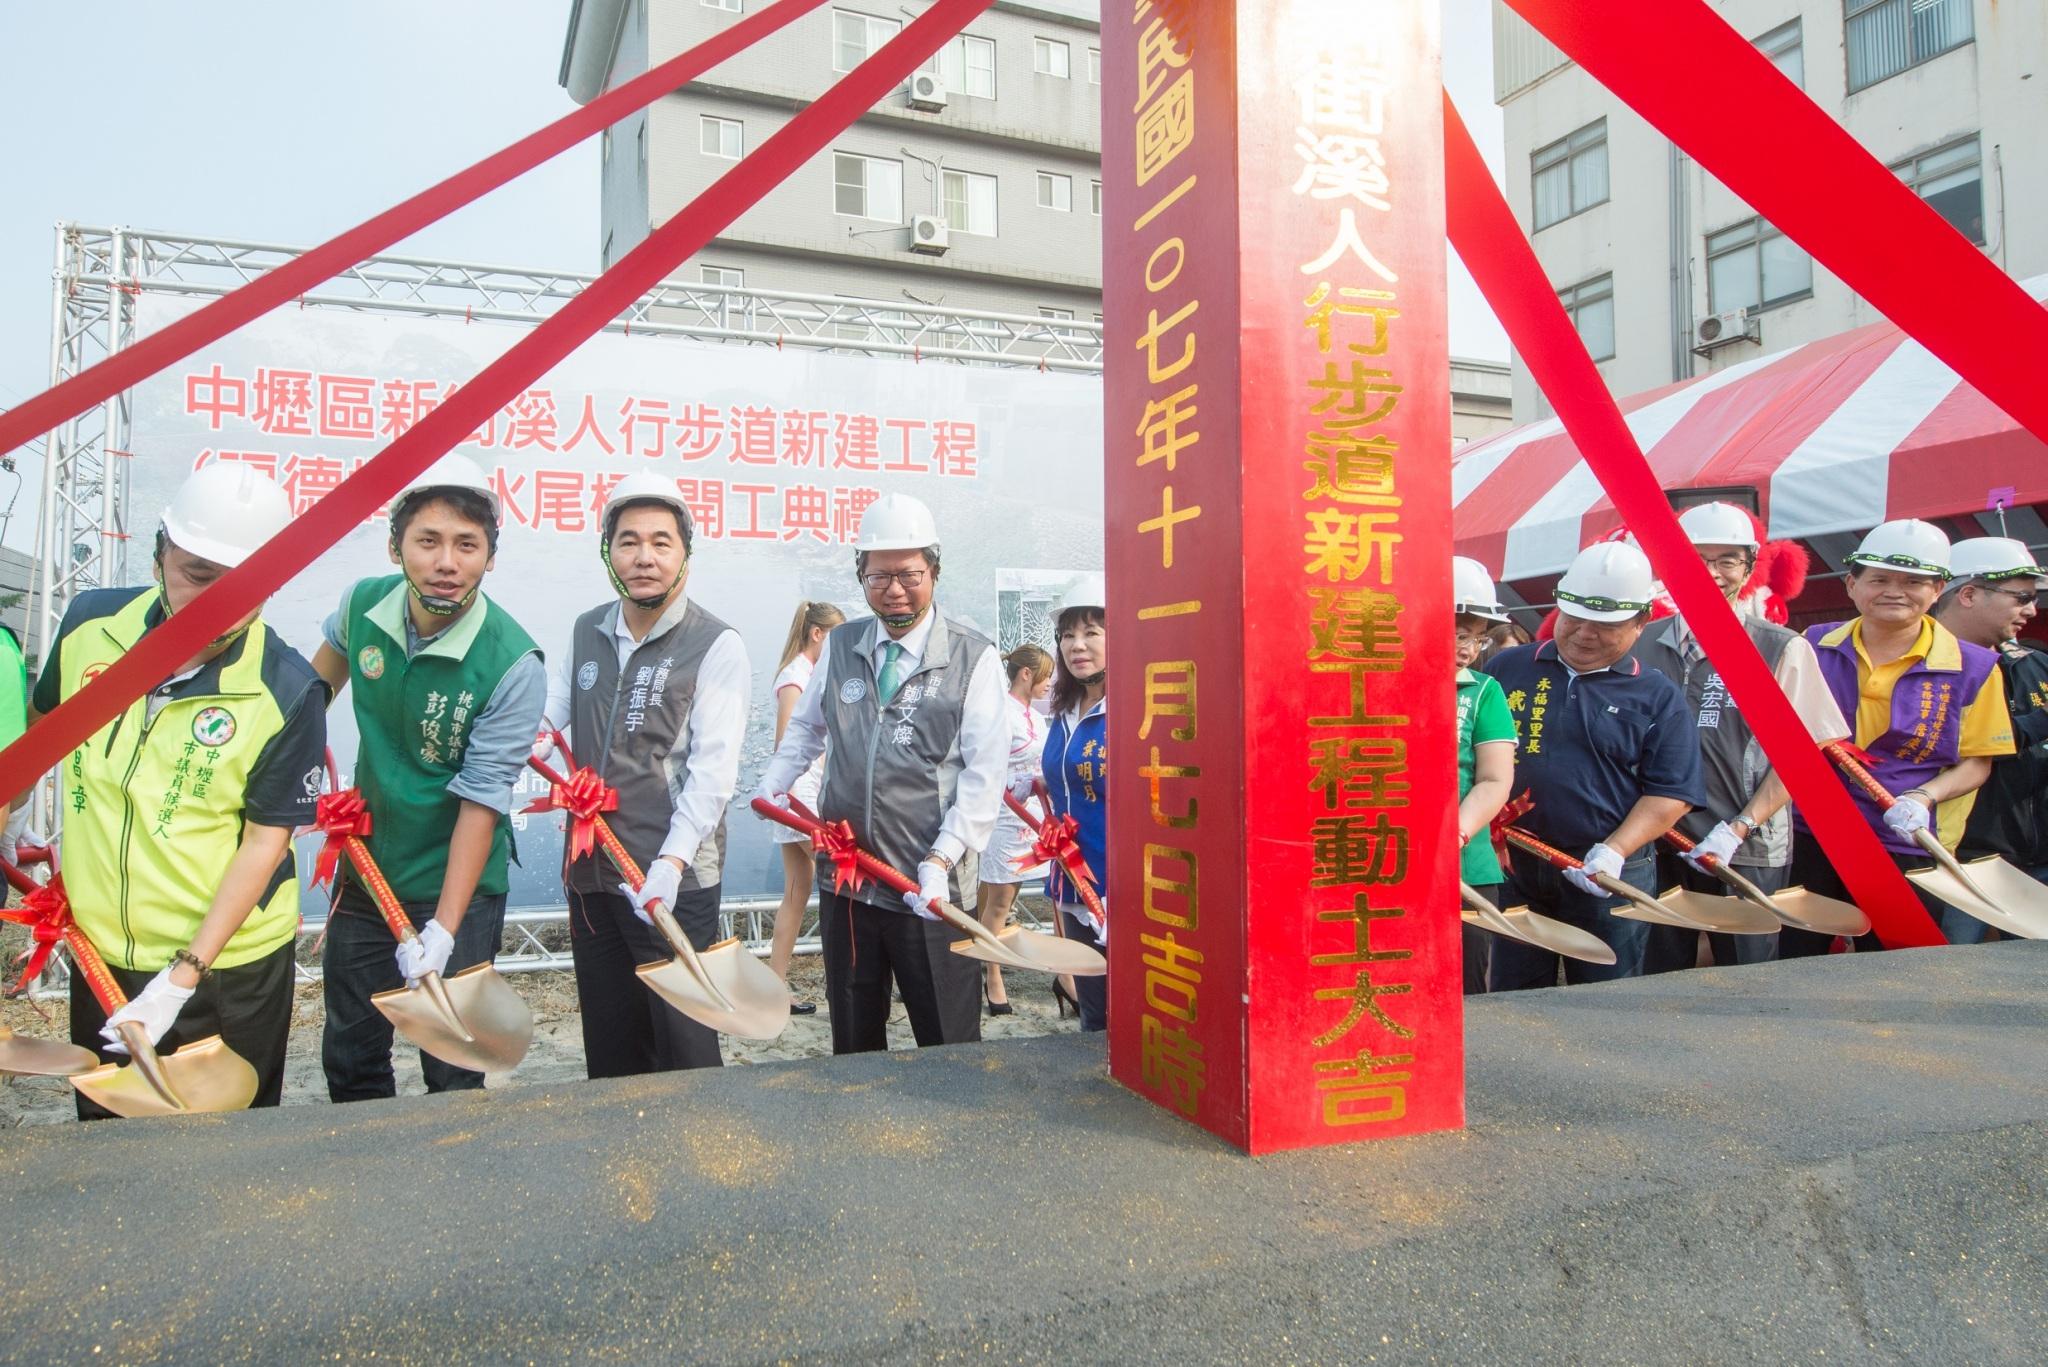 市長為新街溪人行步道新建工程進行動土儀式